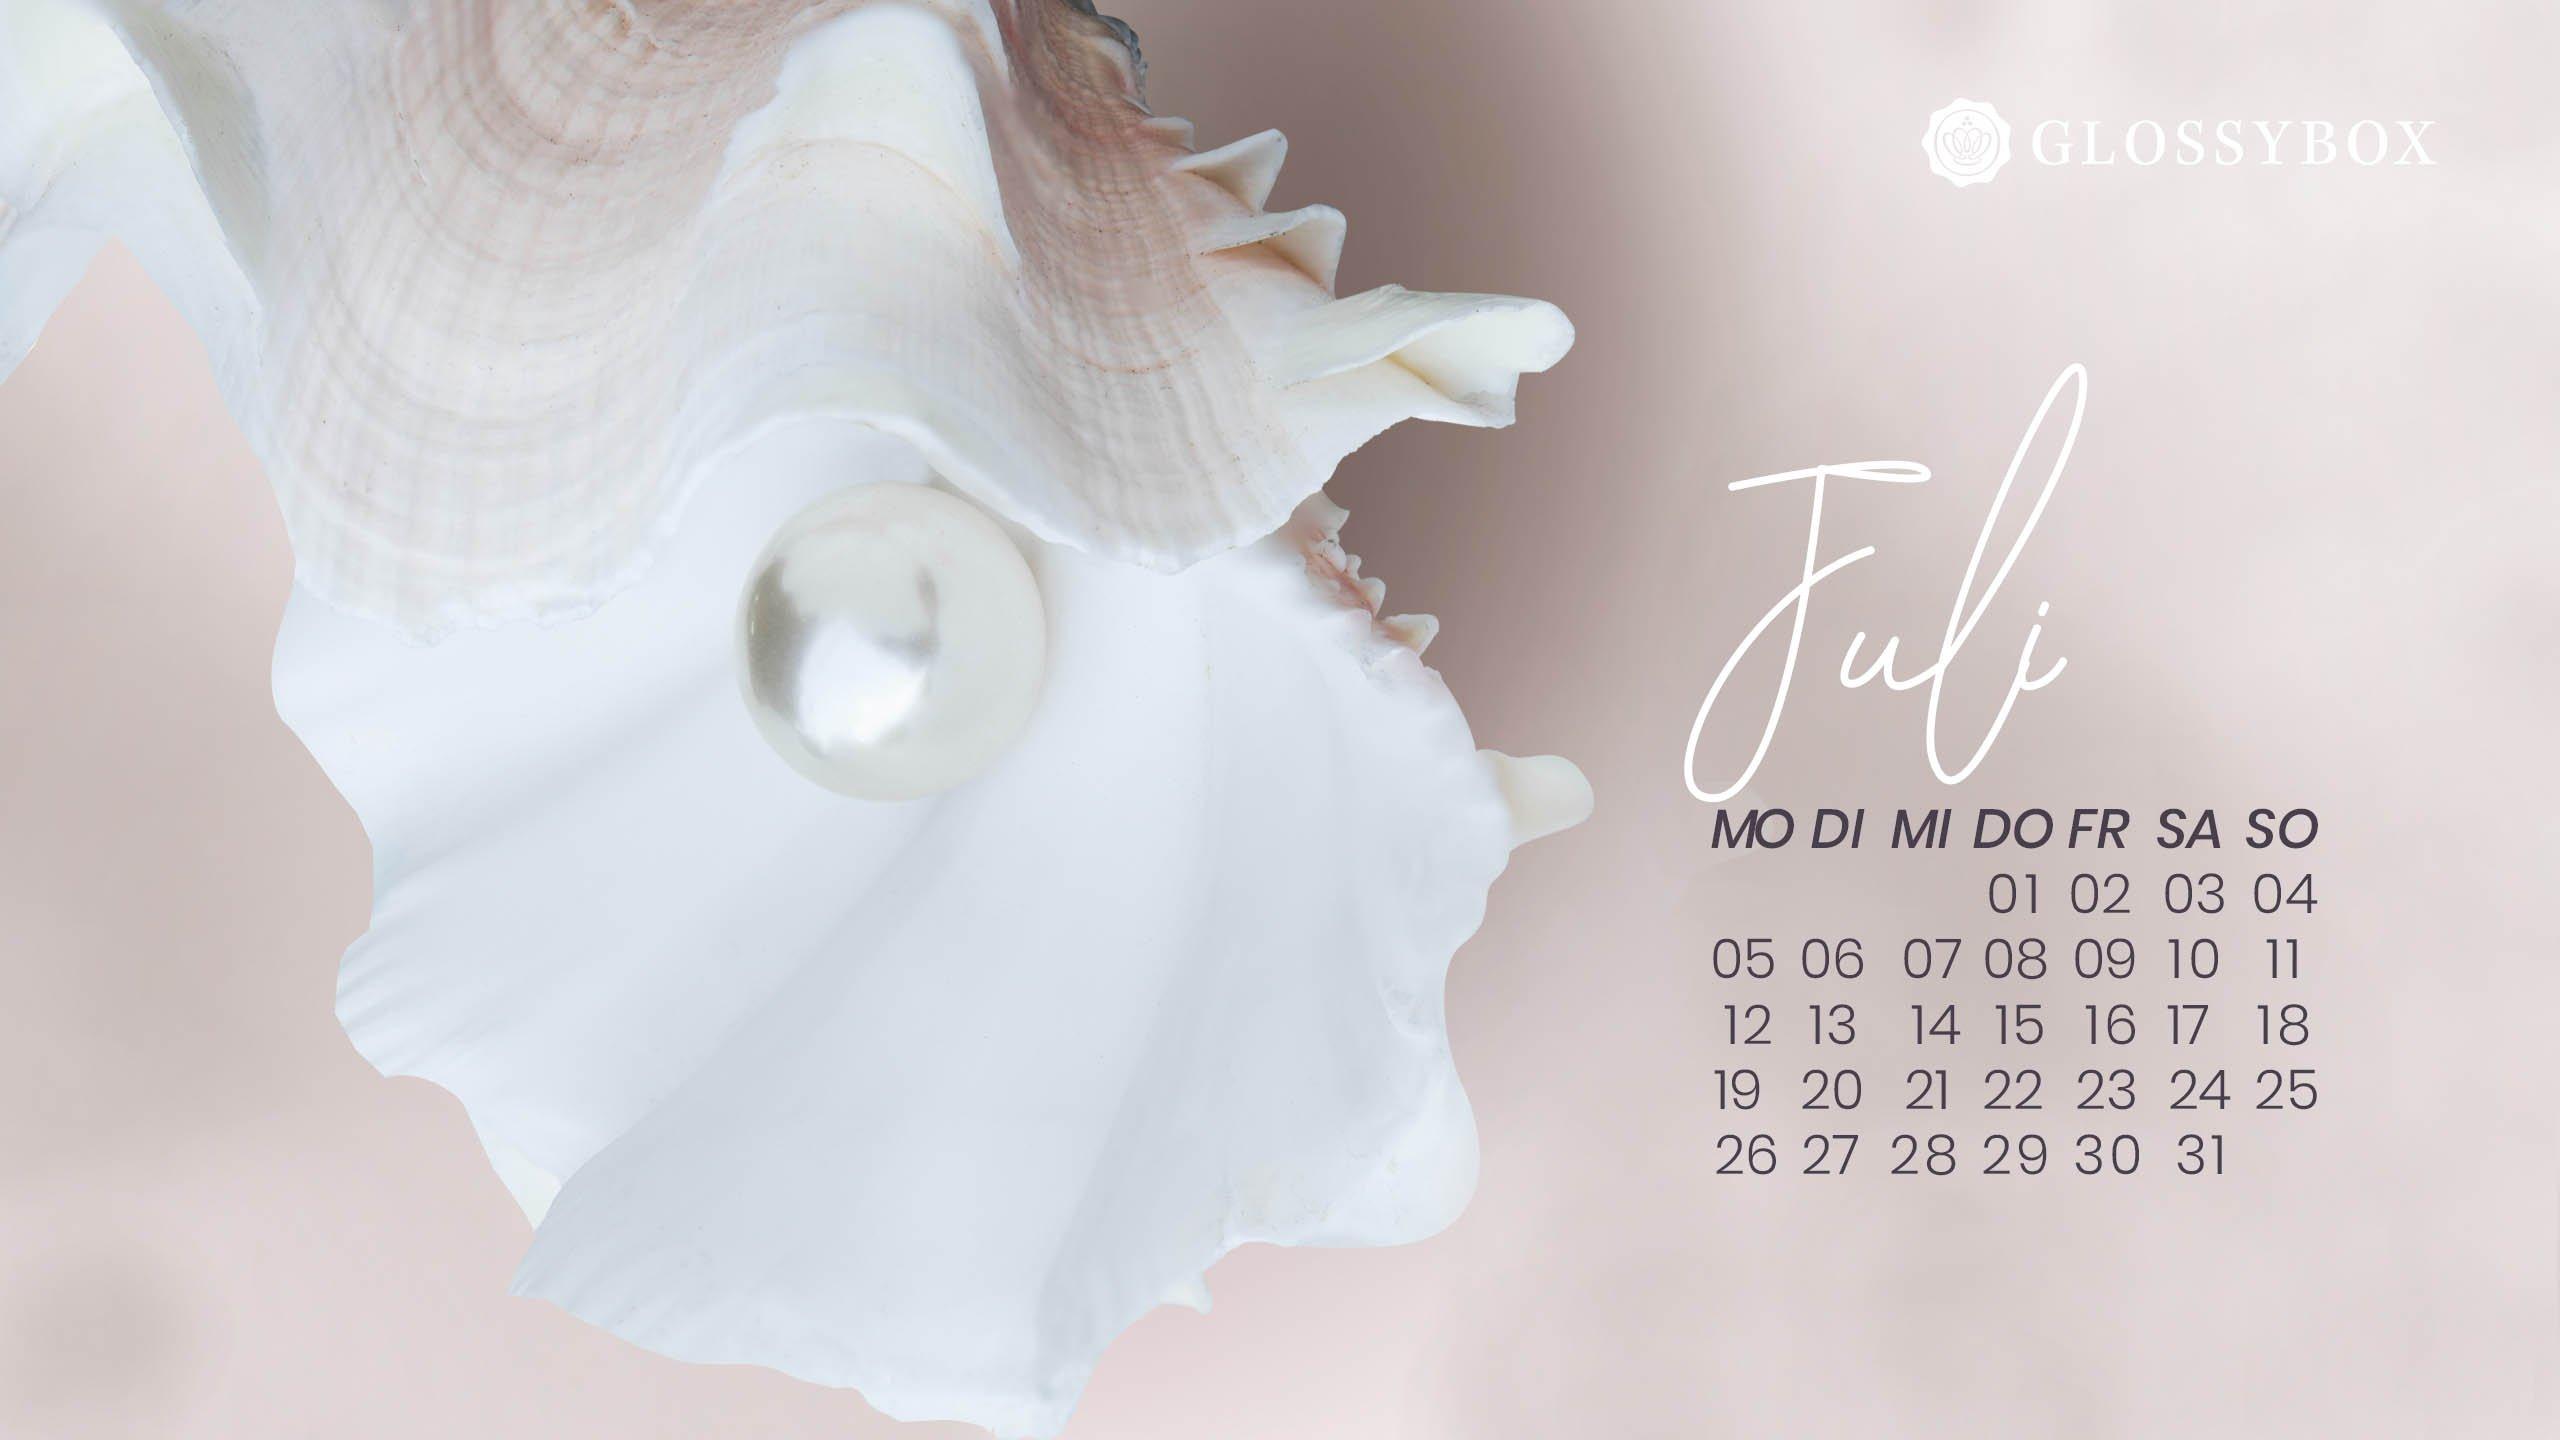 glossybox-wallpaper-screensaver-juli-beauty-treasures-2021-gratis